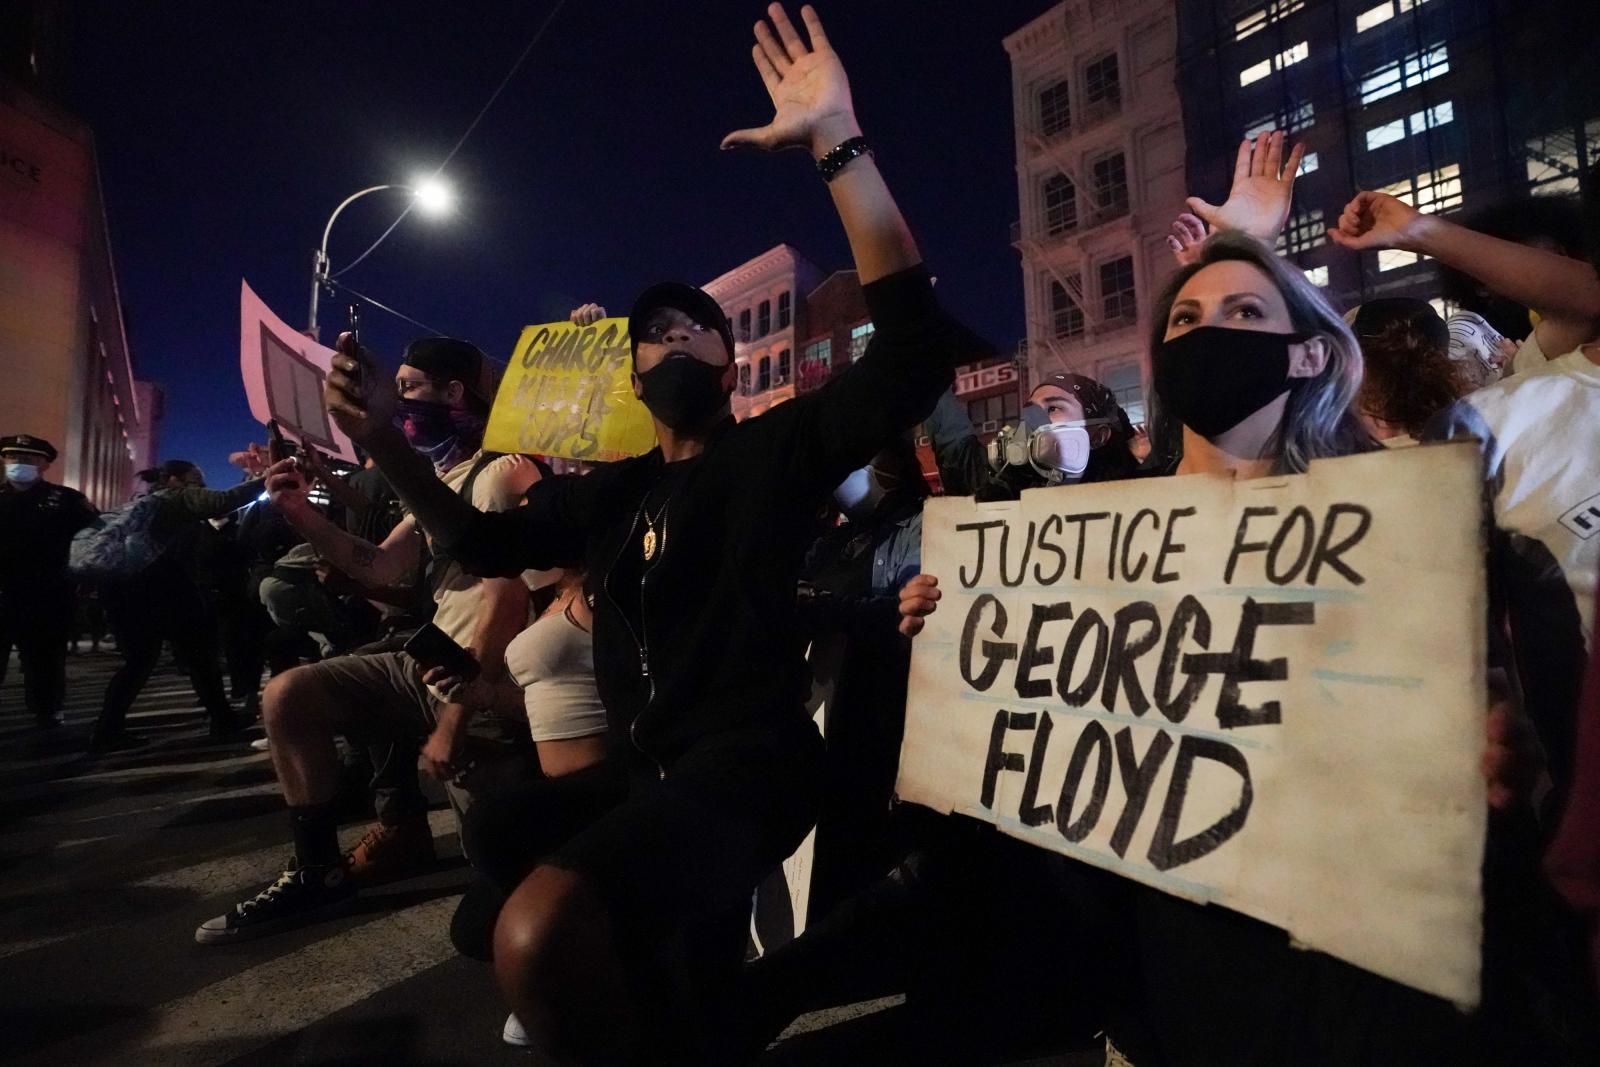 """36ข่าวแห่งปี : """"เหยียดผิวสี"""" สู่คดี """"จอร์จ ฟลอยด์"""" จุดประกาย """"Black Lives Matter"""" ทั่วโลก"""